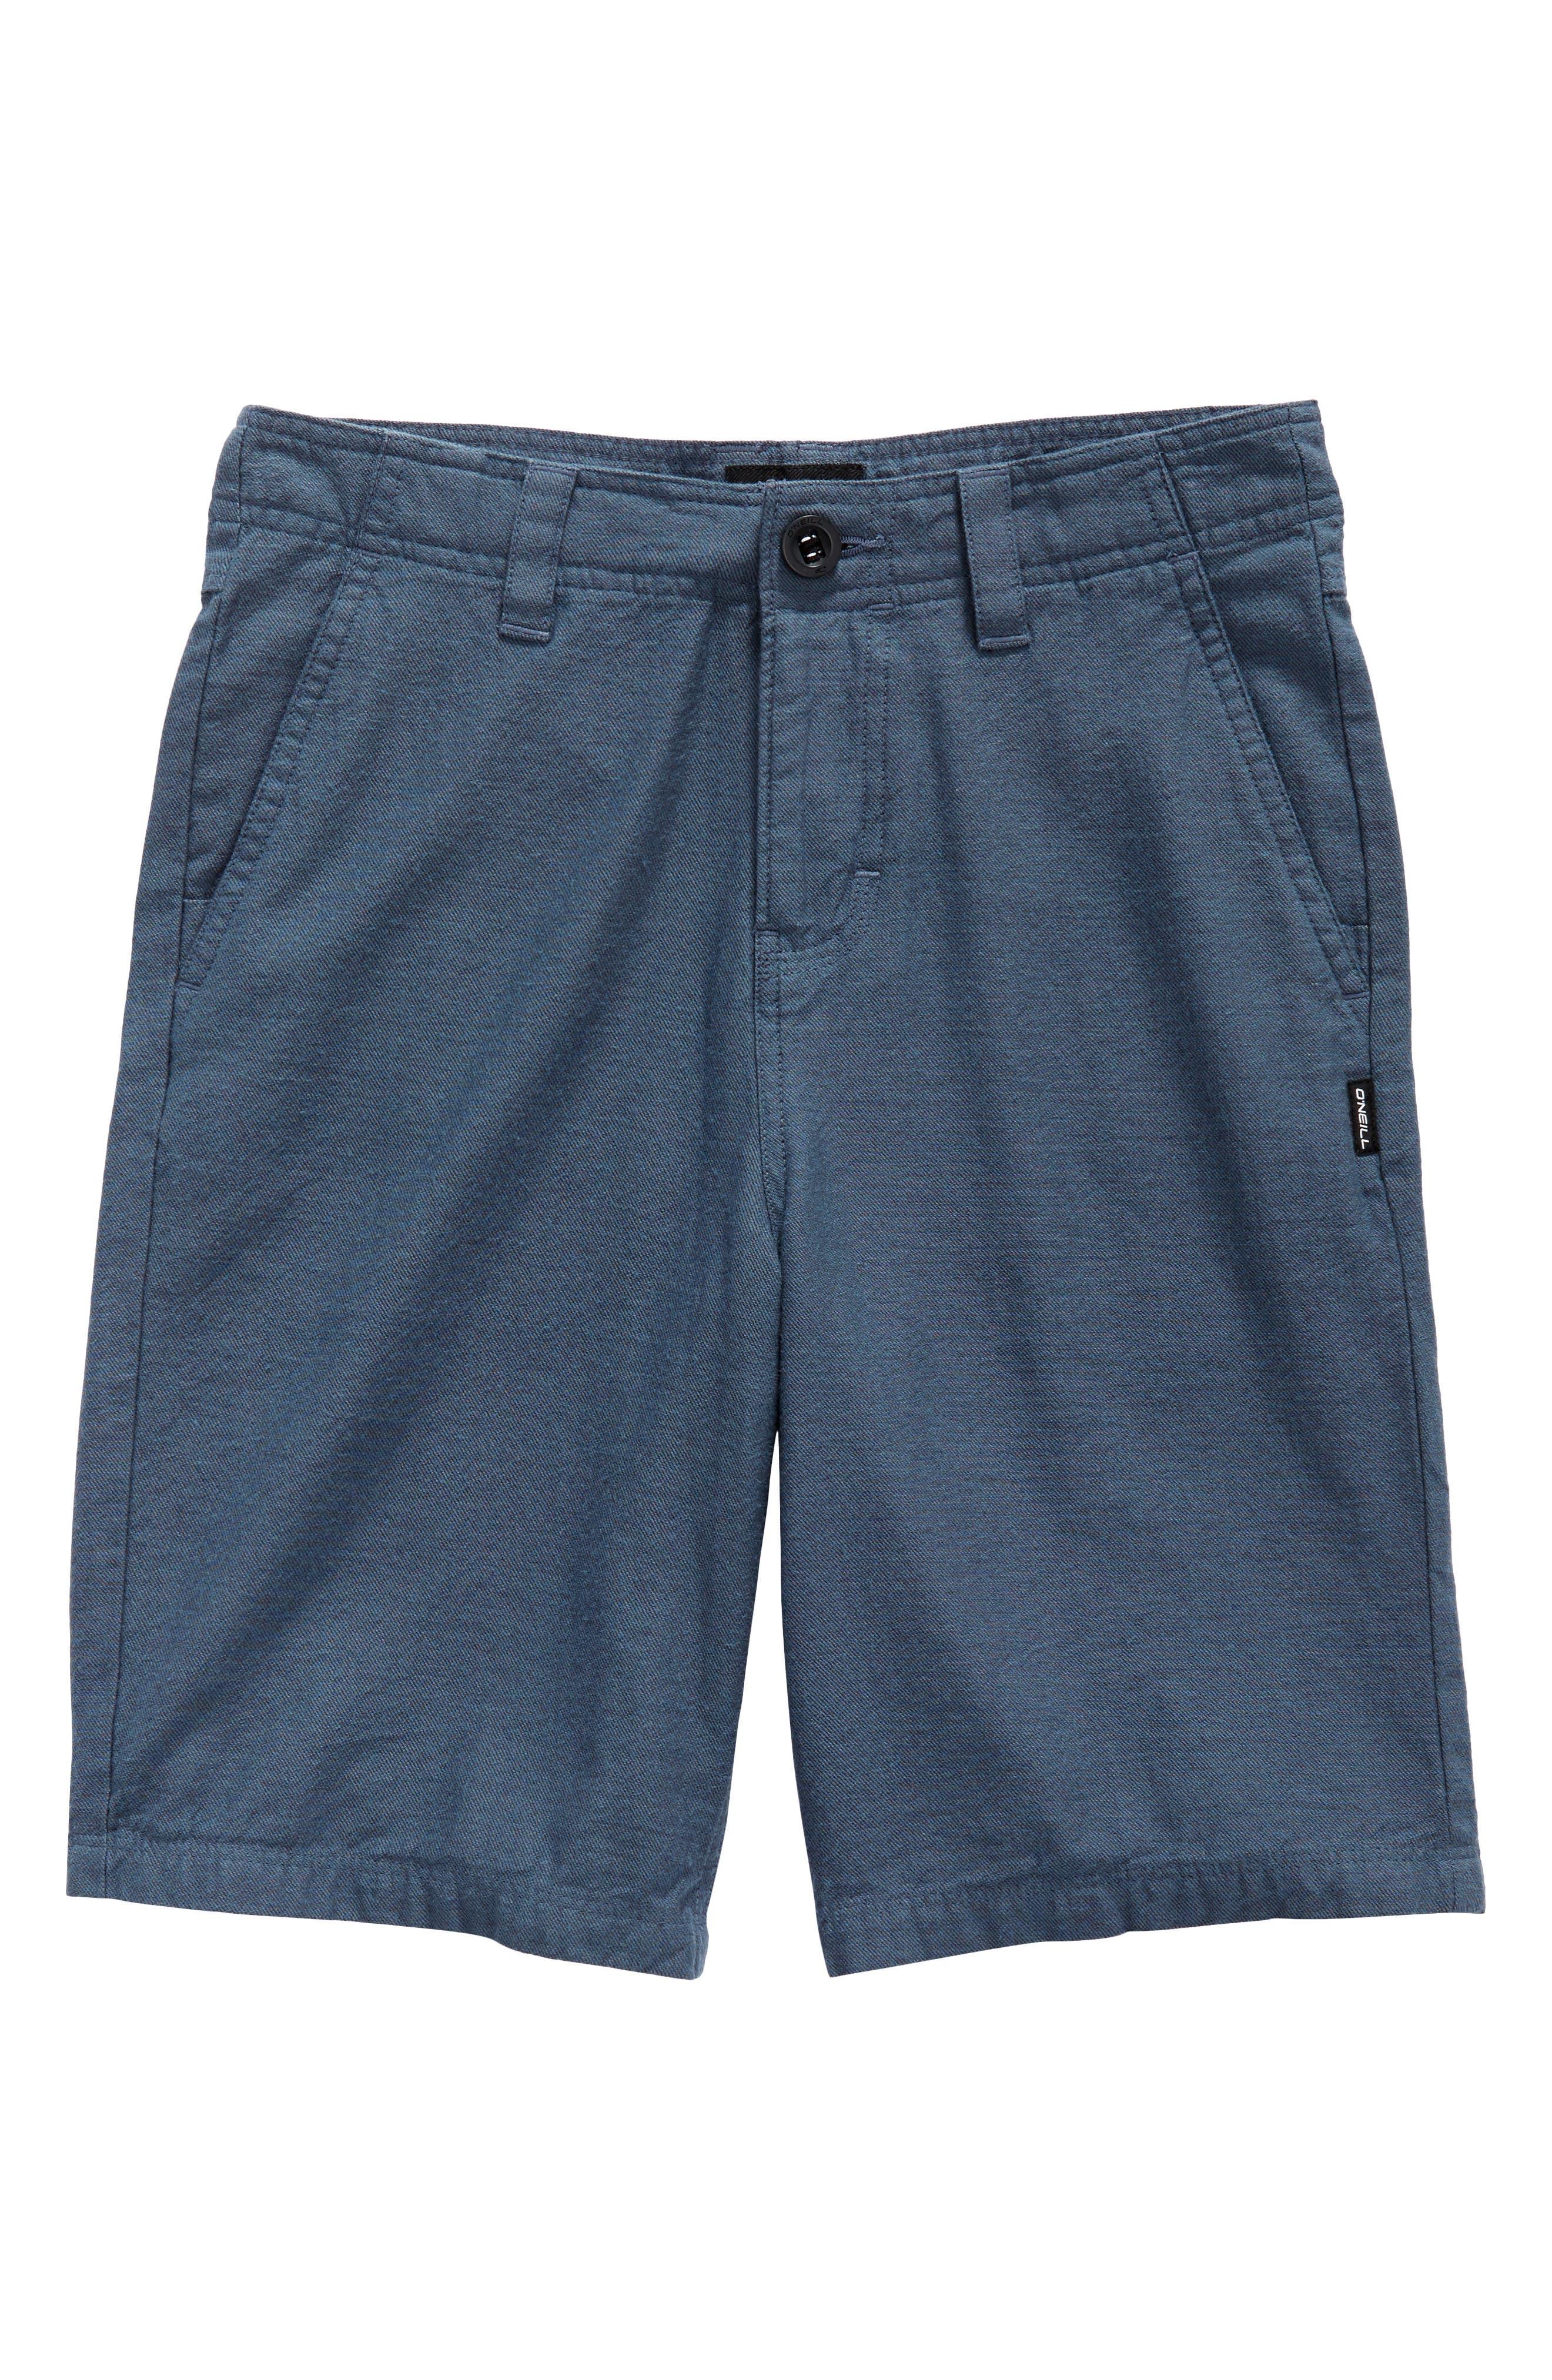 Scranton Chino Shorts,                         Main,                         color, Slate